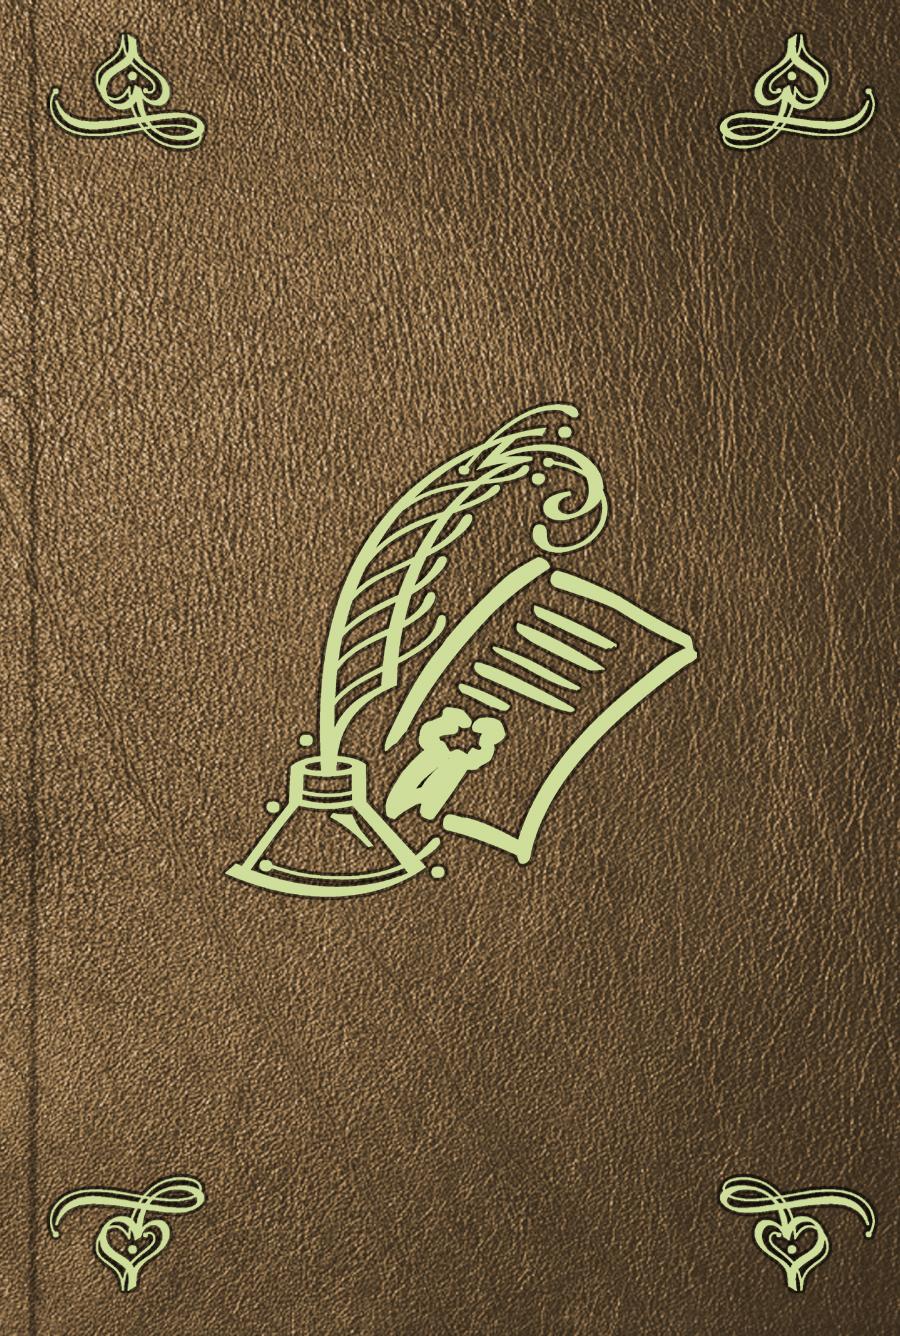 Автор не указан Стат канцелярии Правительствующаго сената Межевой экспедиции